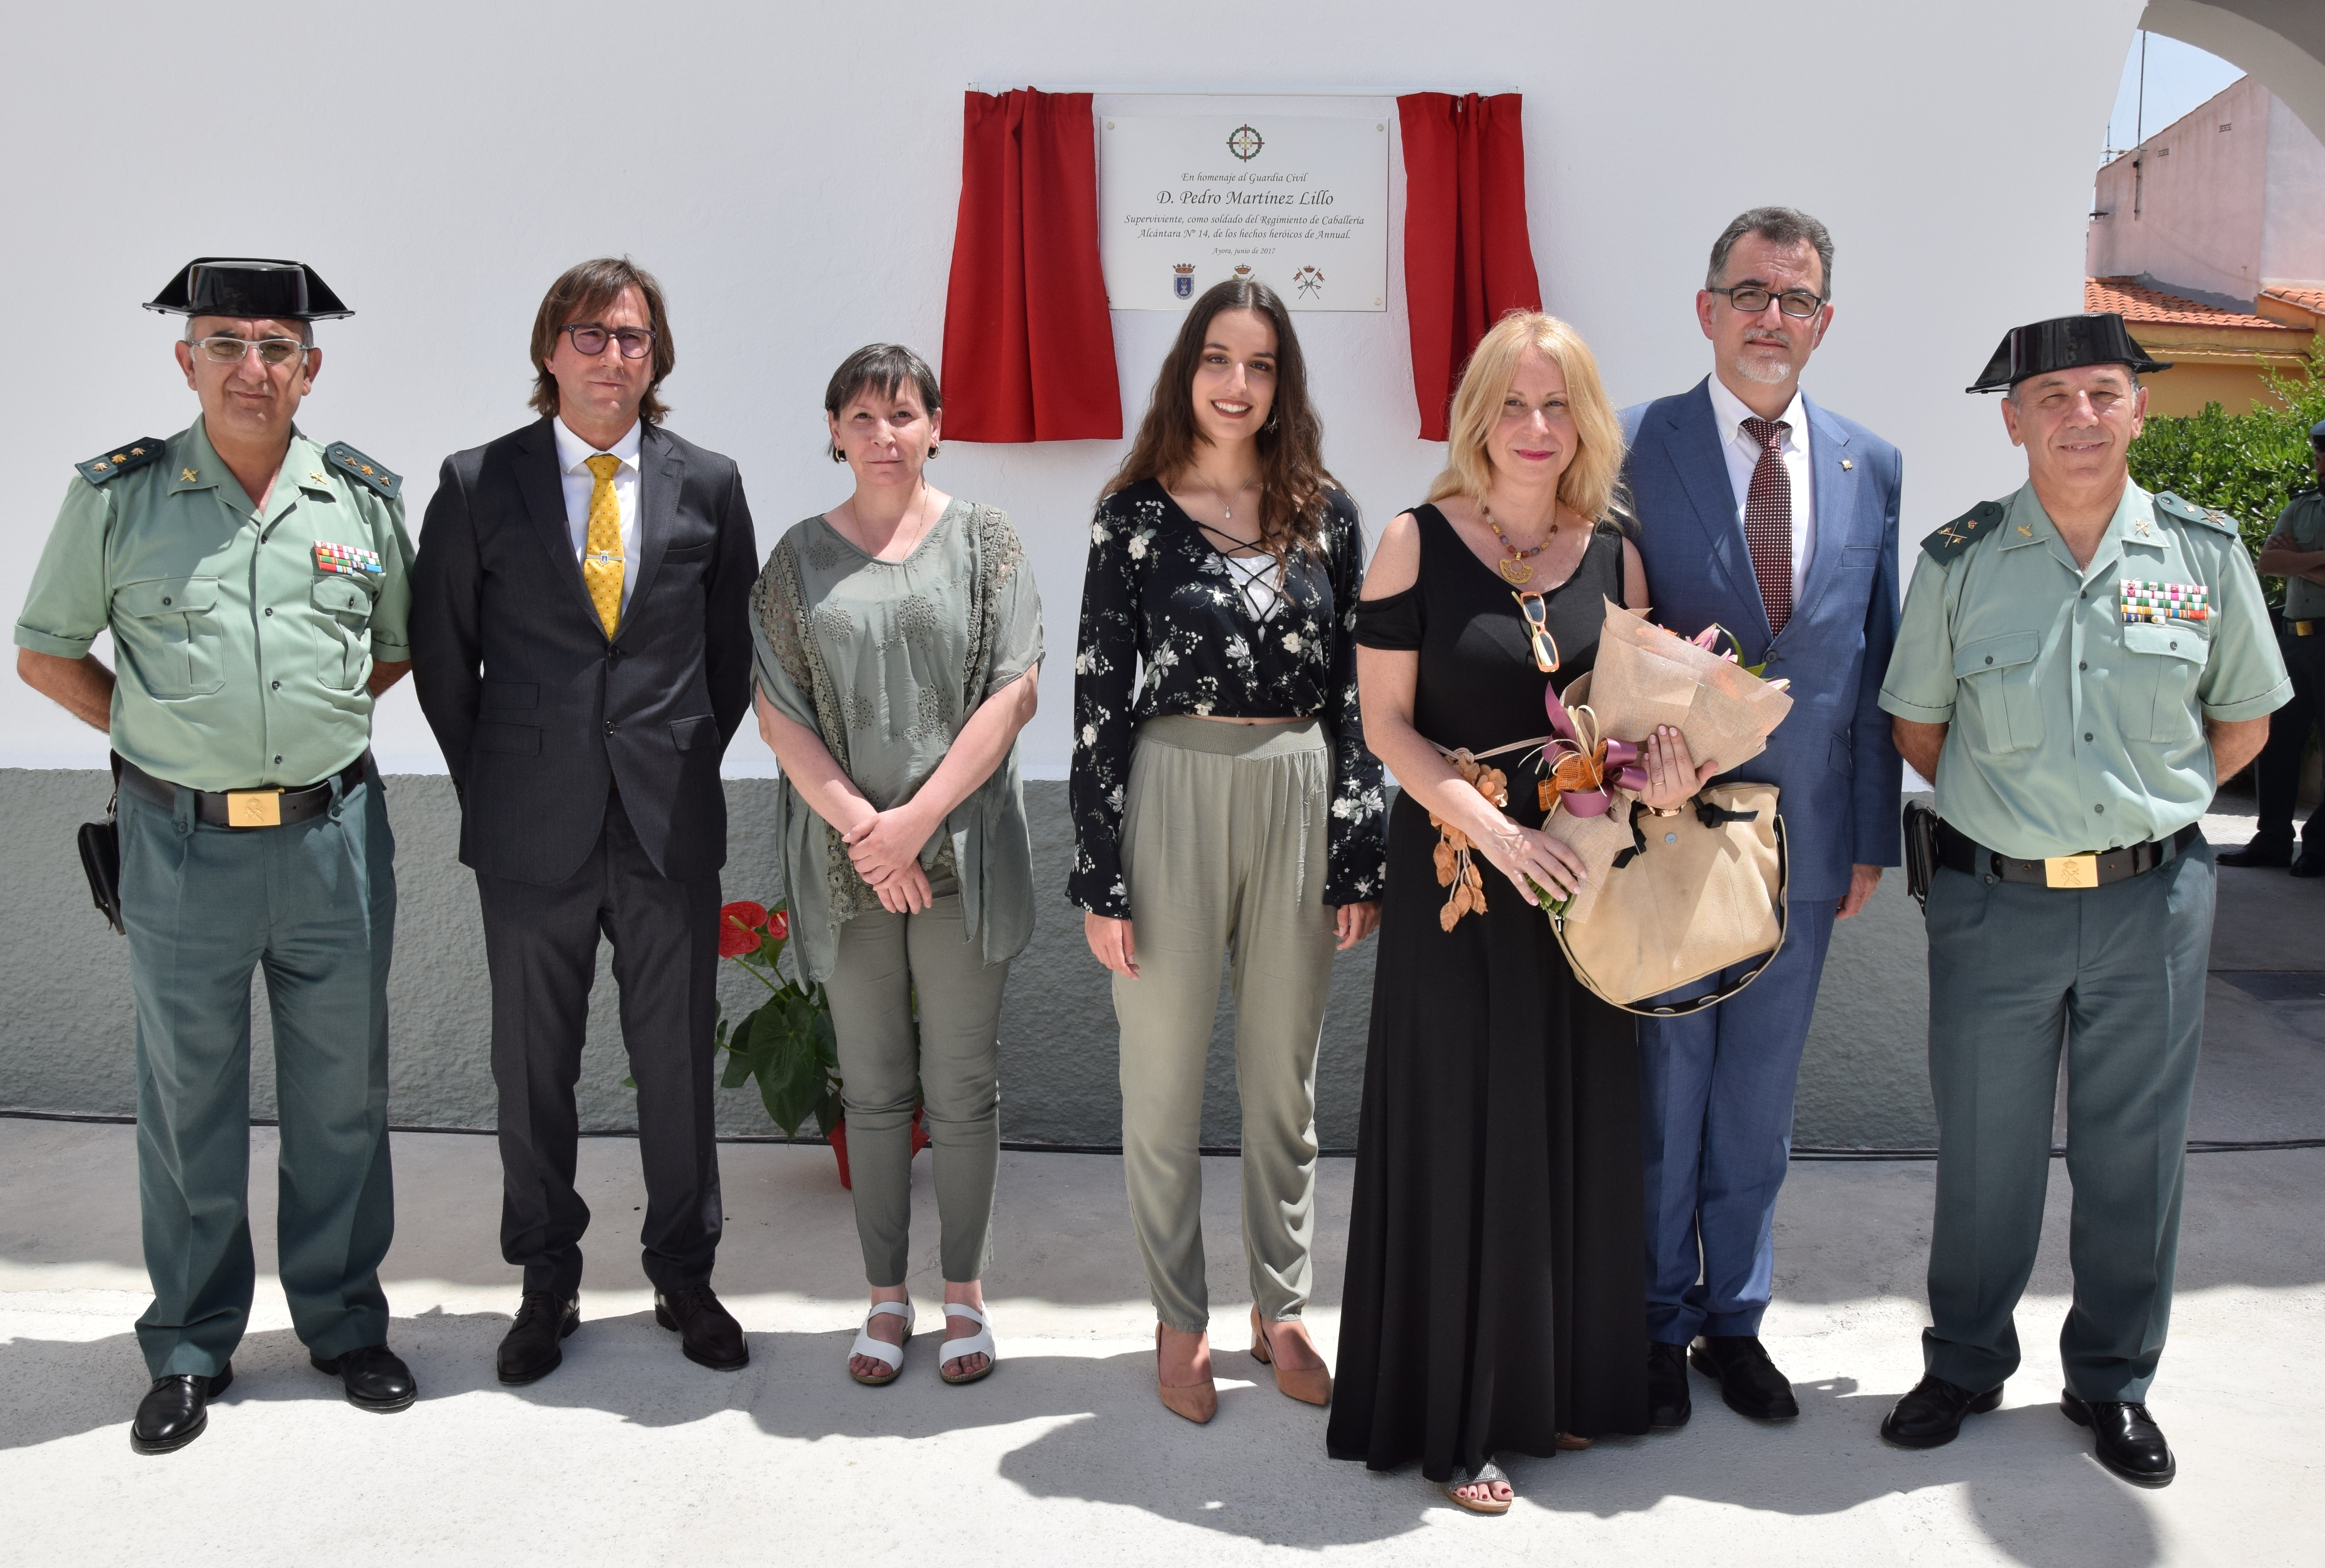 En este acto se colocó una placa en la Casa Cuartel de Ayora en honor del Guardia Civil D. Pedro Martinez Llillo, nacido en Ayora.